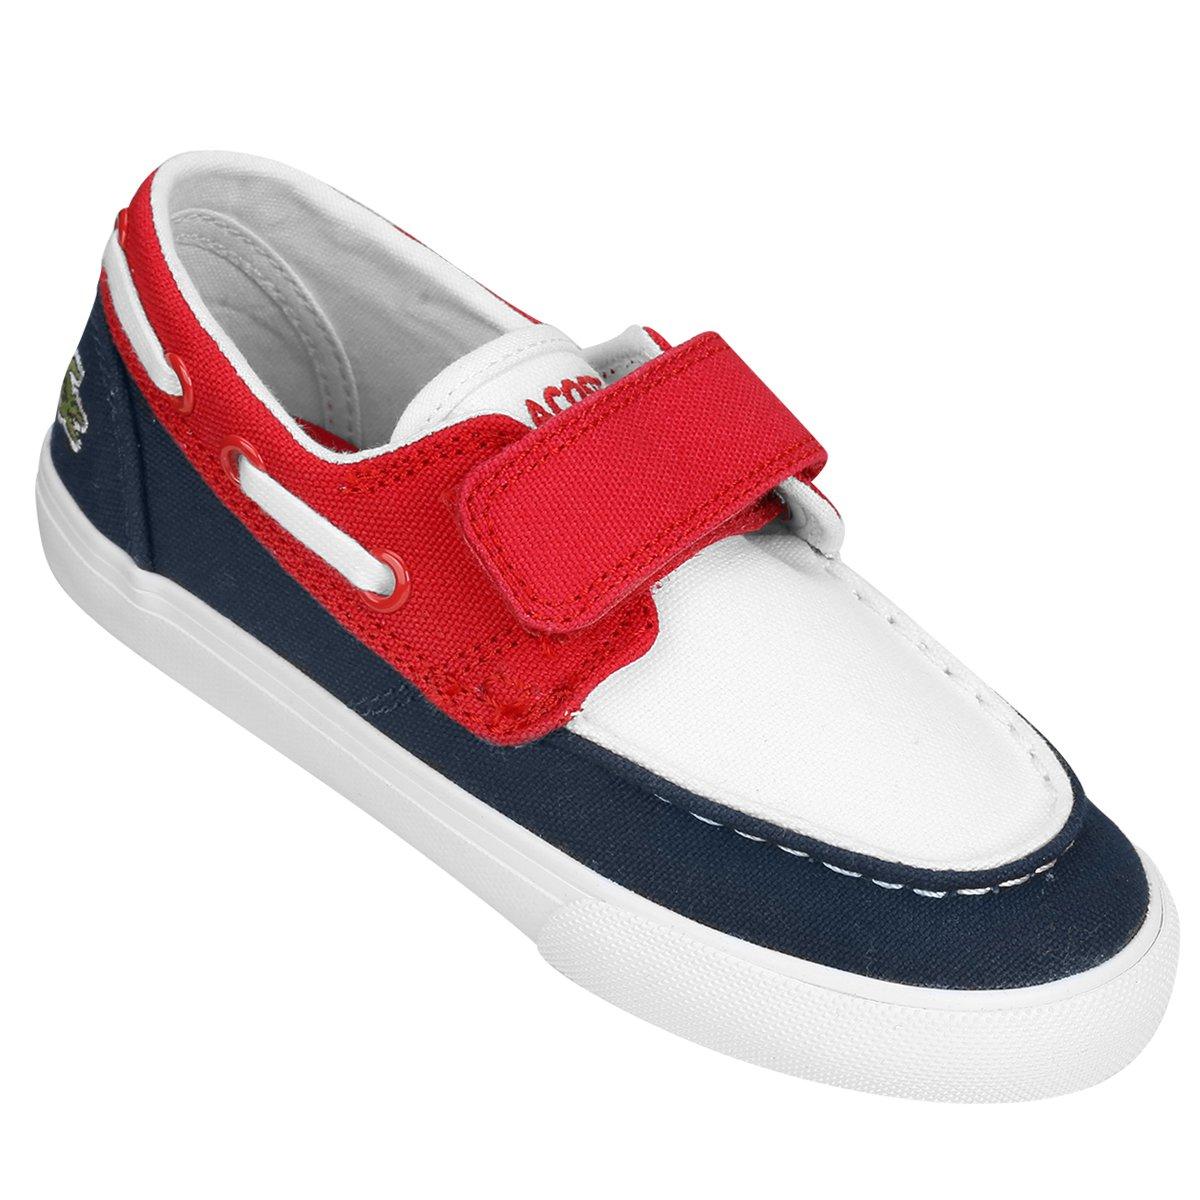 ... 50abdc4592b Tênis Lacoste Keel Clc Infantil - Compre Agora Netshoes ... 890da3dac1